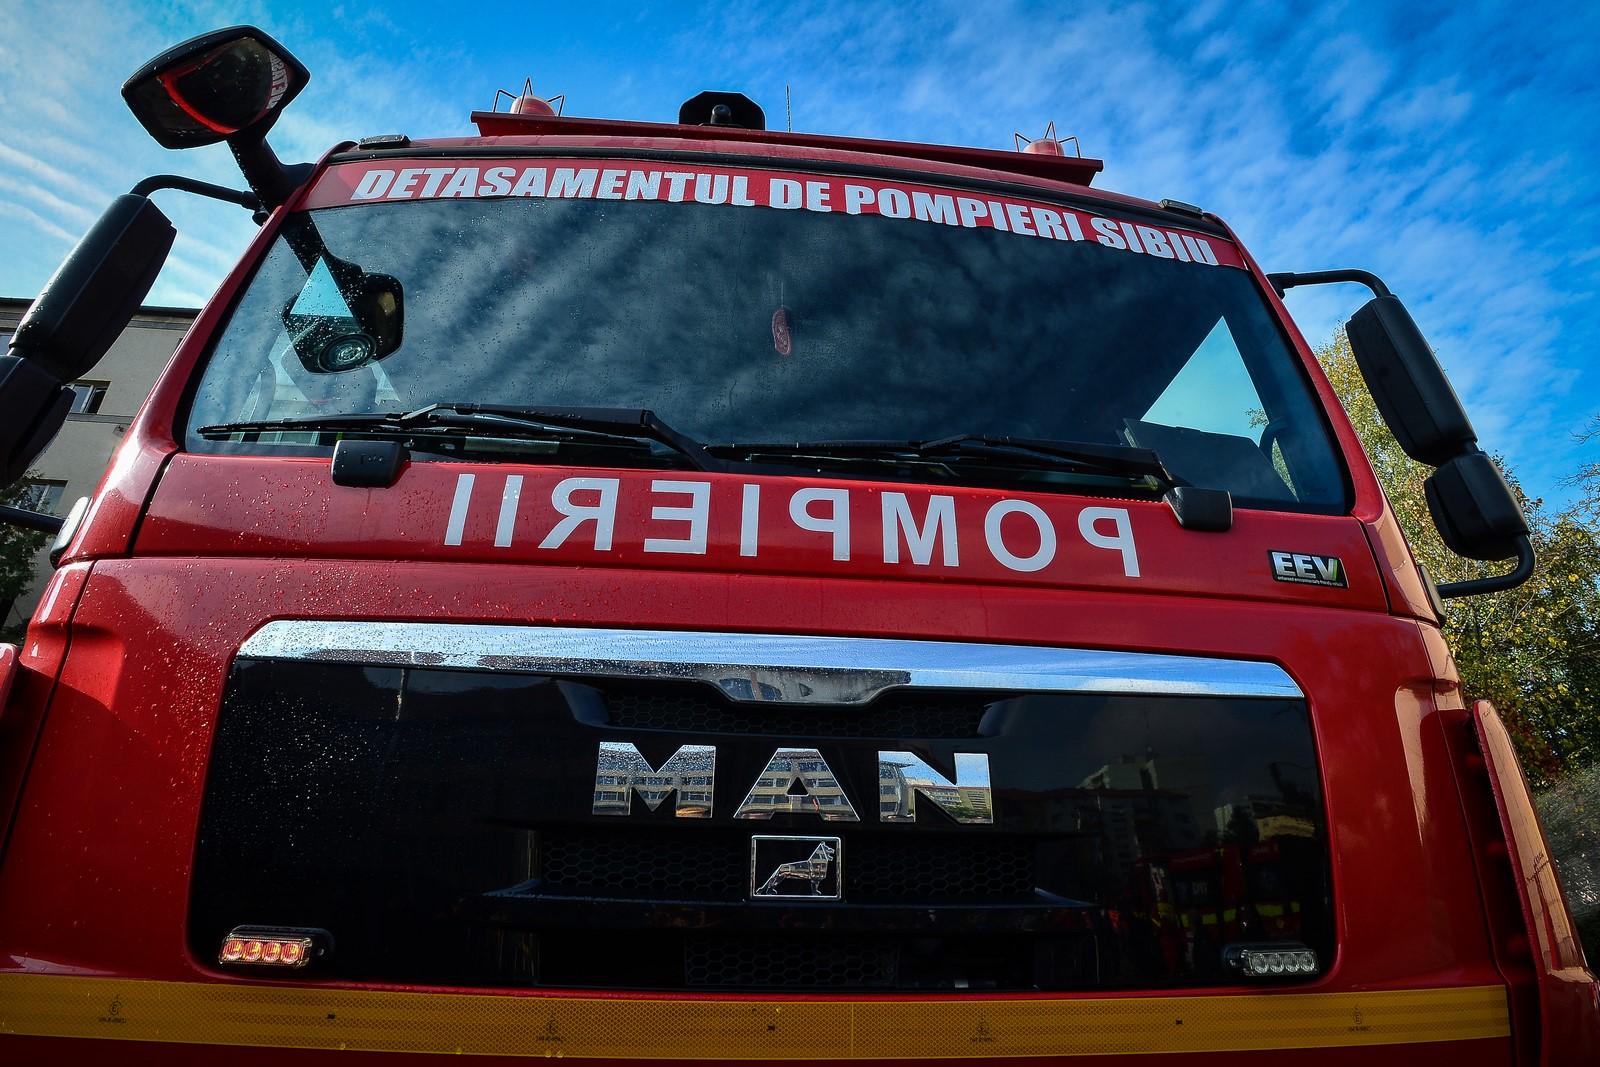 Incendiu la o bucătărie de vară de pe strada Principatele Unite